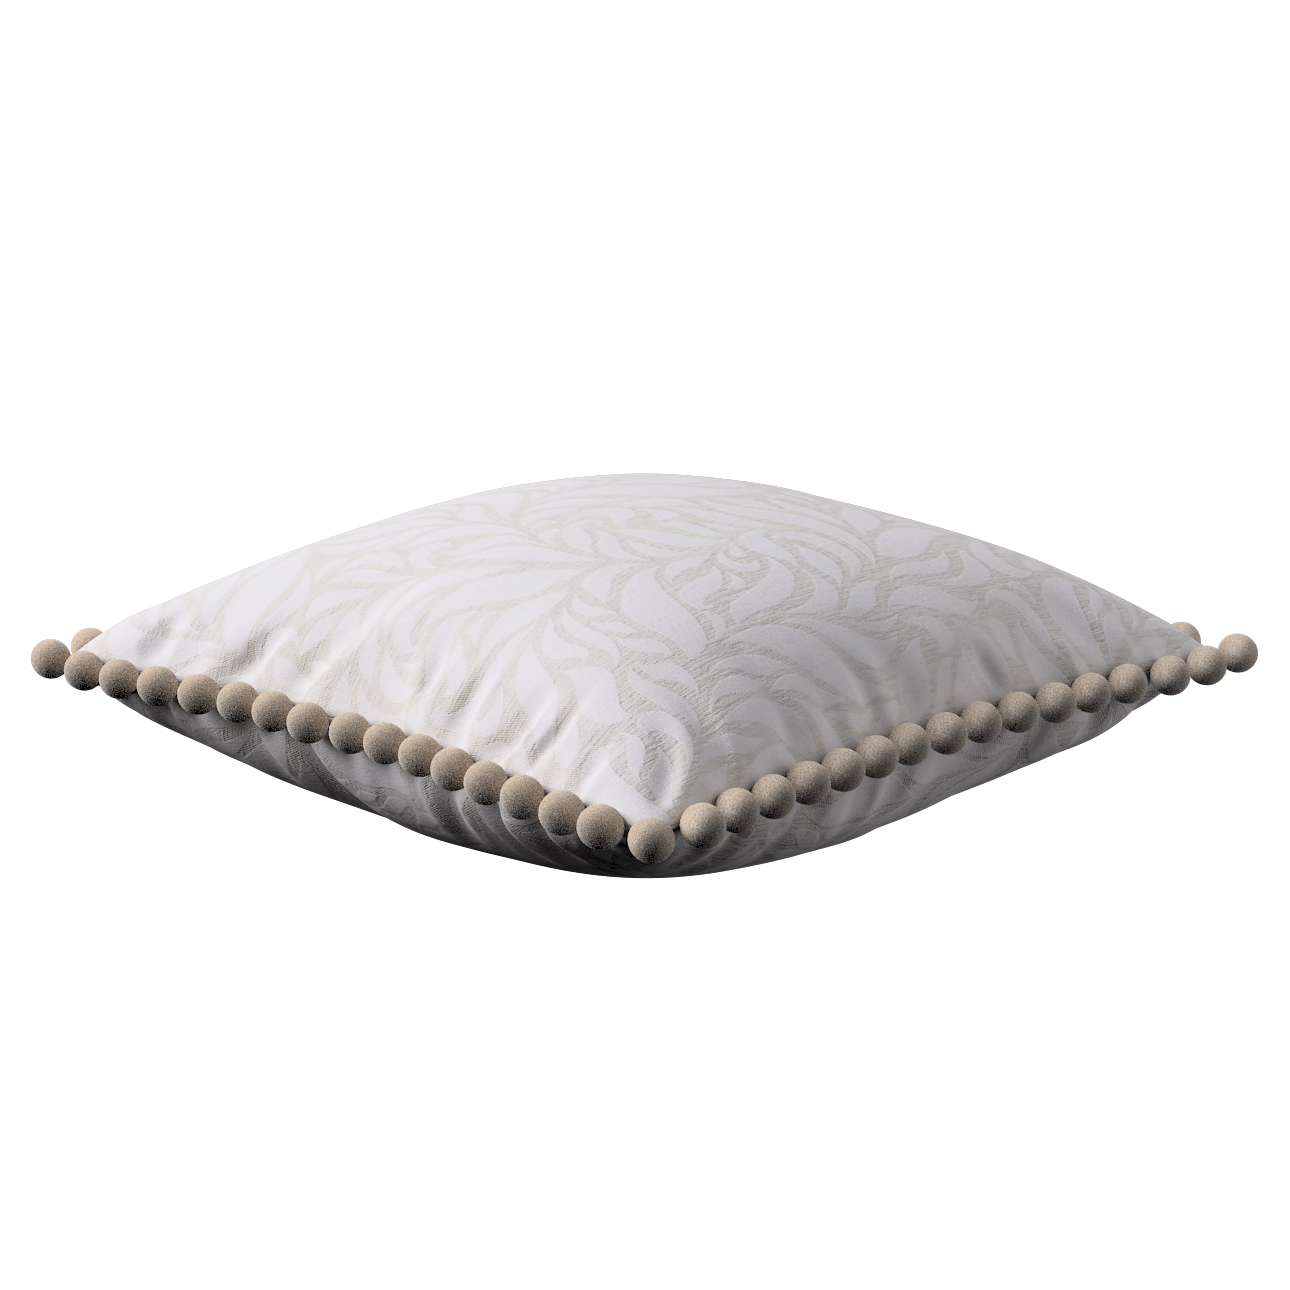 Wera dekoratyvinės pagalvėlės užvalkalas su žaismingais kraštais 45 x 45 cm kolekcijoje Venice, audinys: 140-50